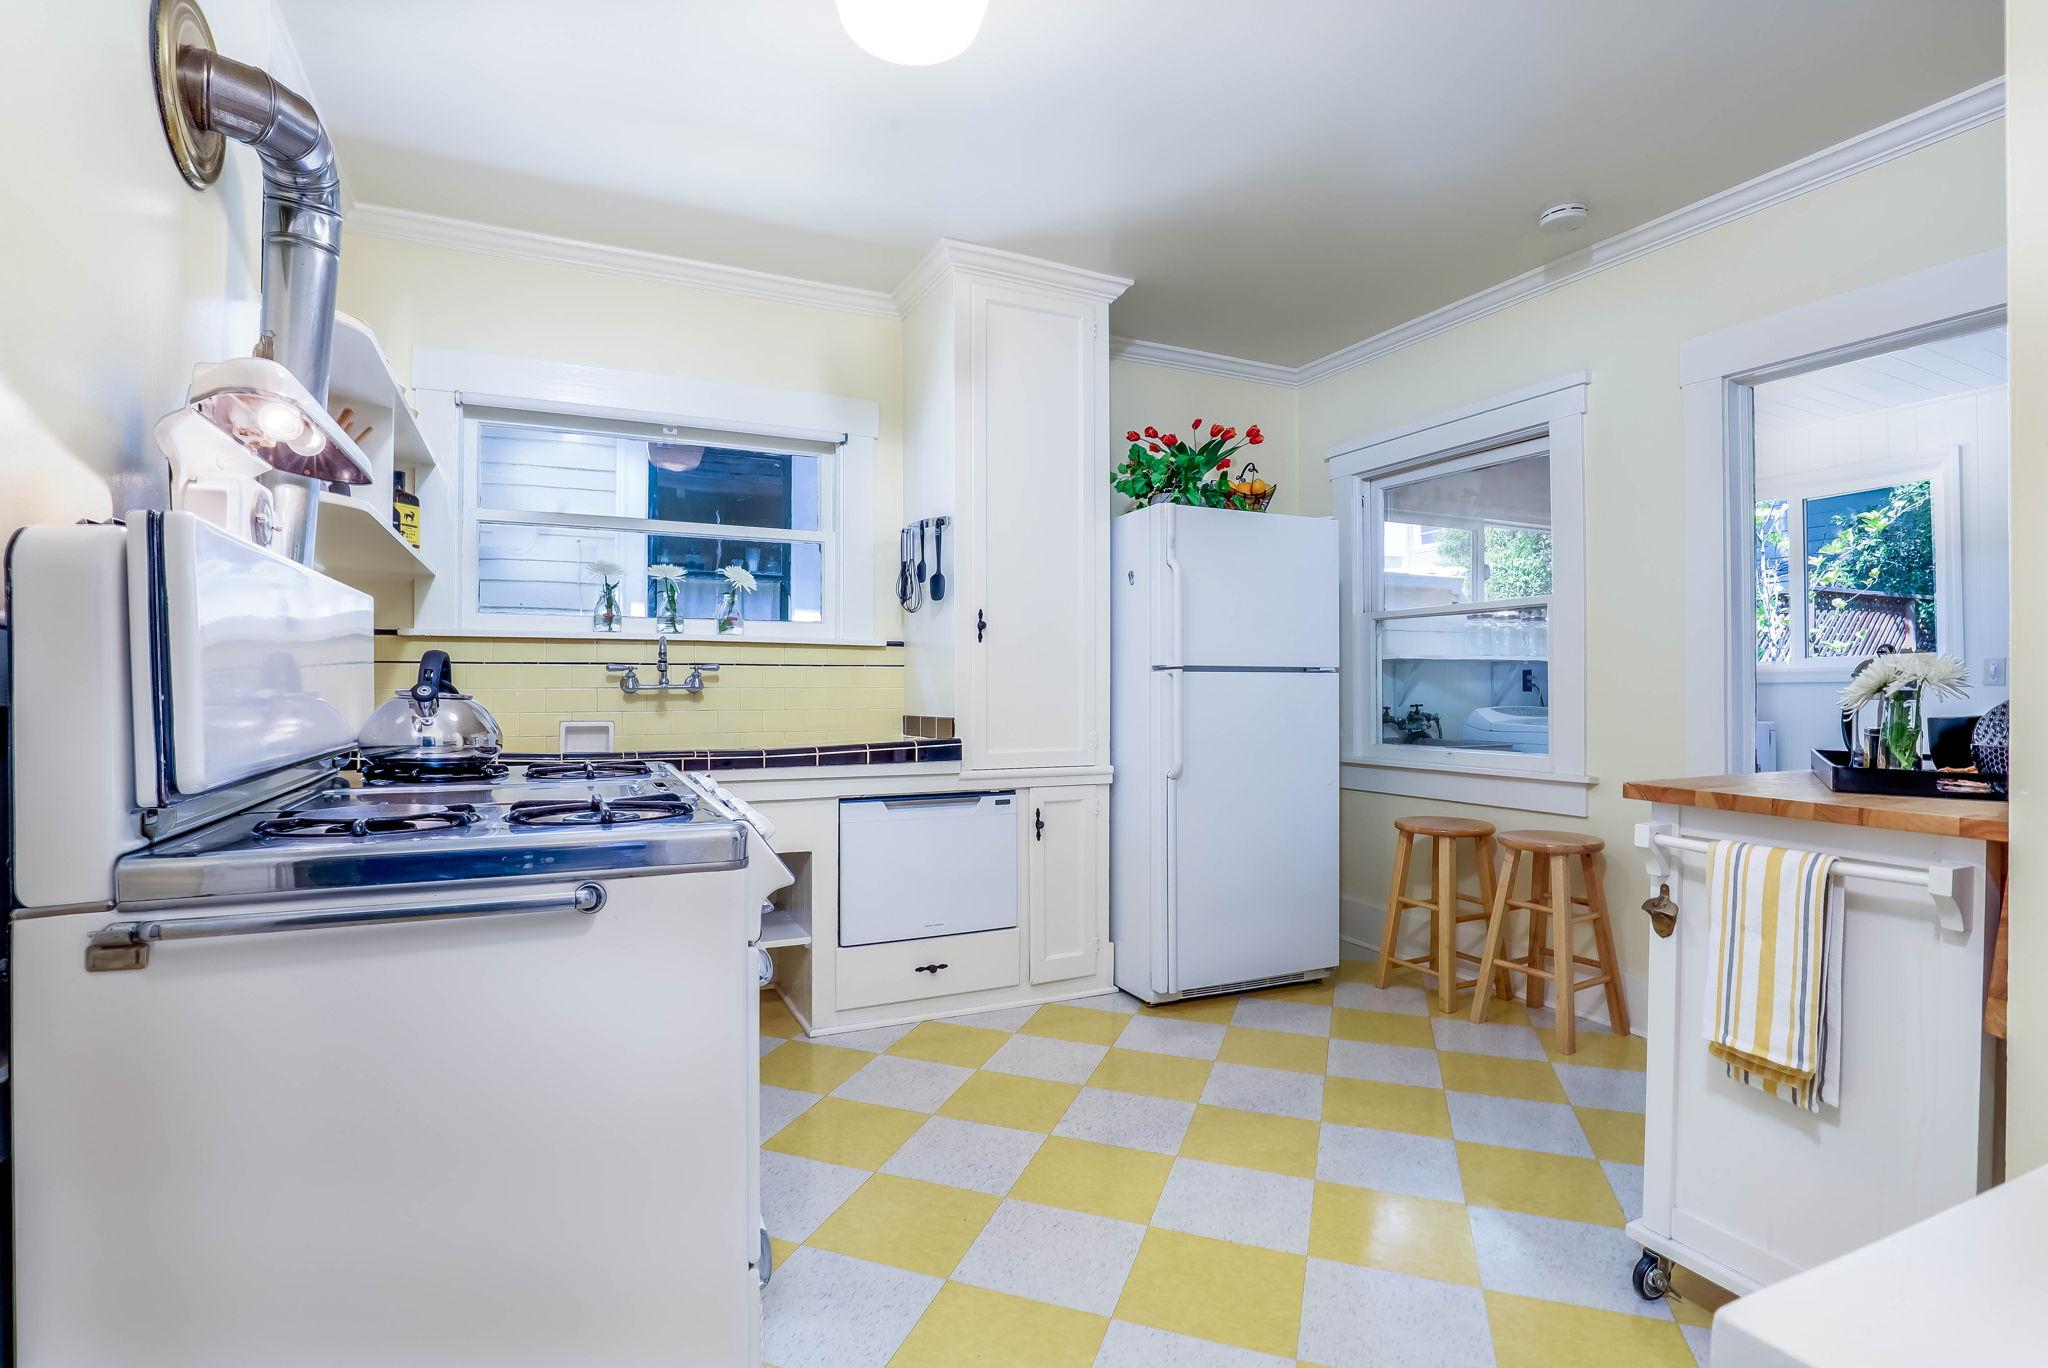 Whimsical & Spacious Kitchen